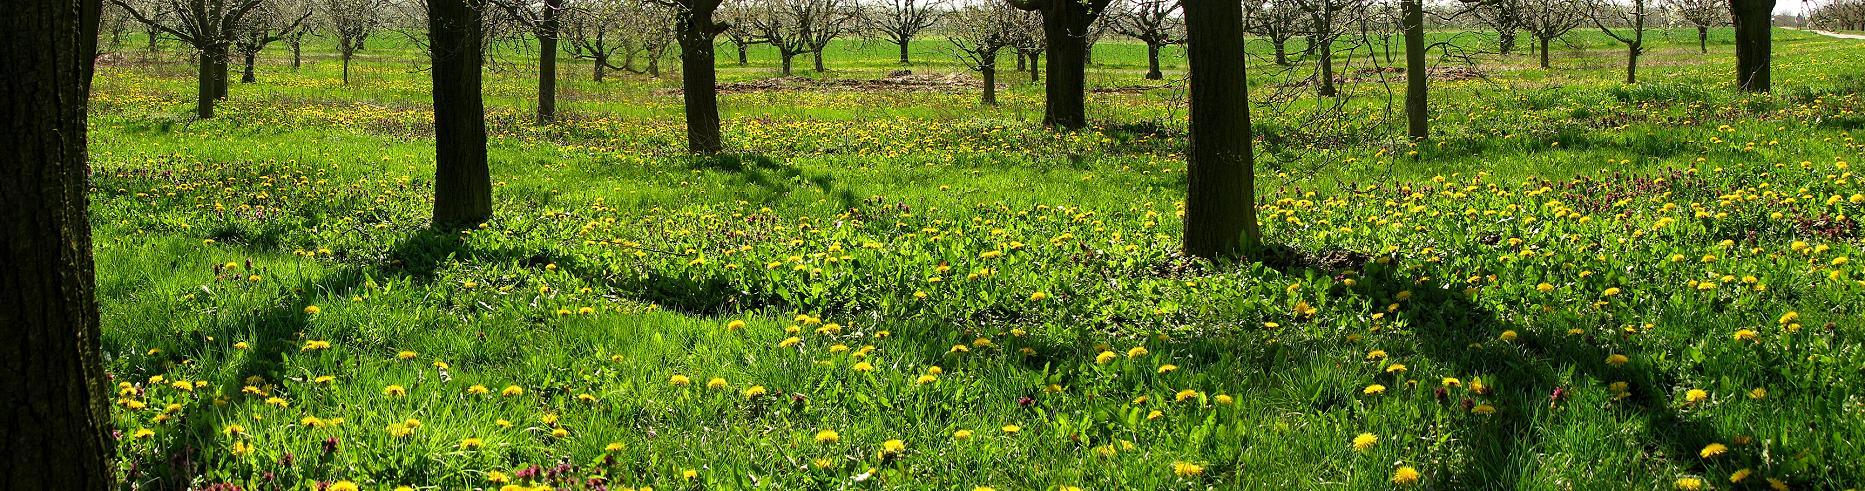 Frühlingspanorama